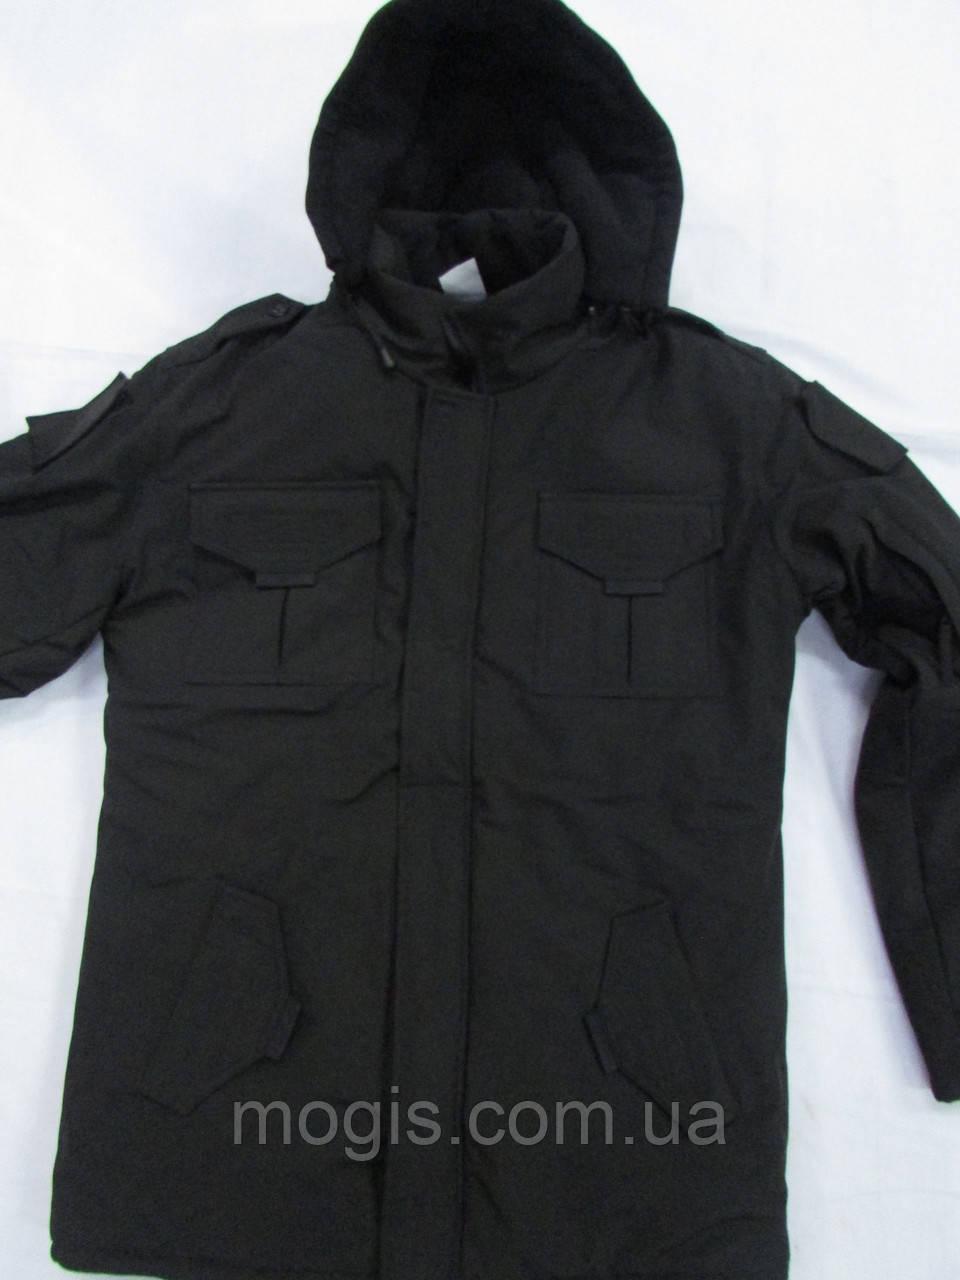 Куртка утепленная мод. Антитеррор(тк. Совтшел) черная